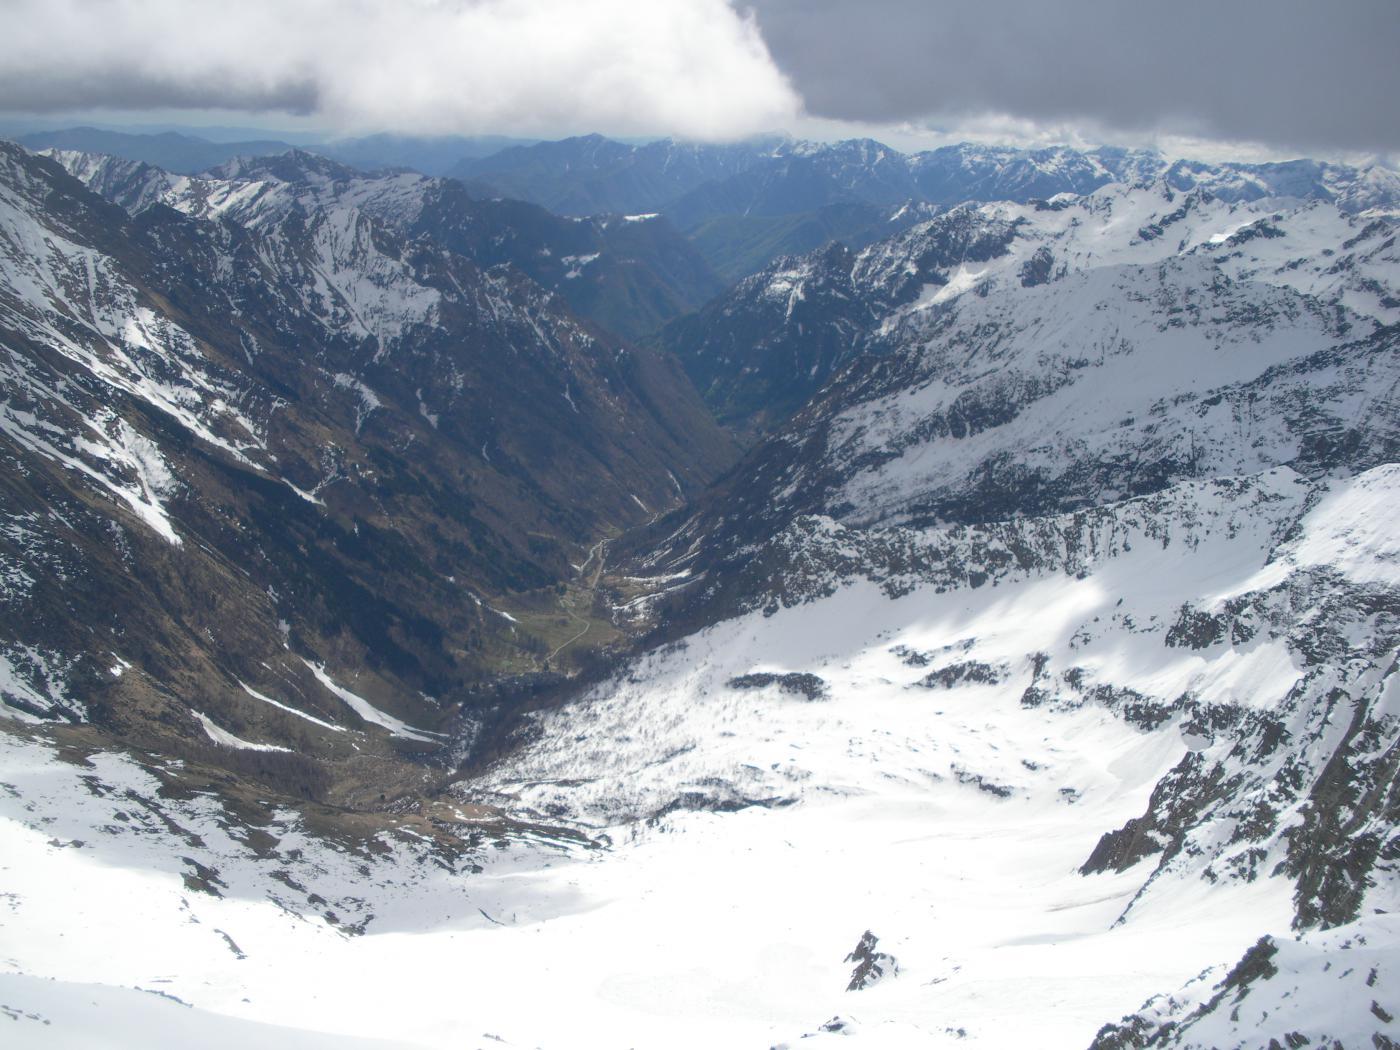 laggiu' Rima e la Val Sermenza..dal Piglimo'..